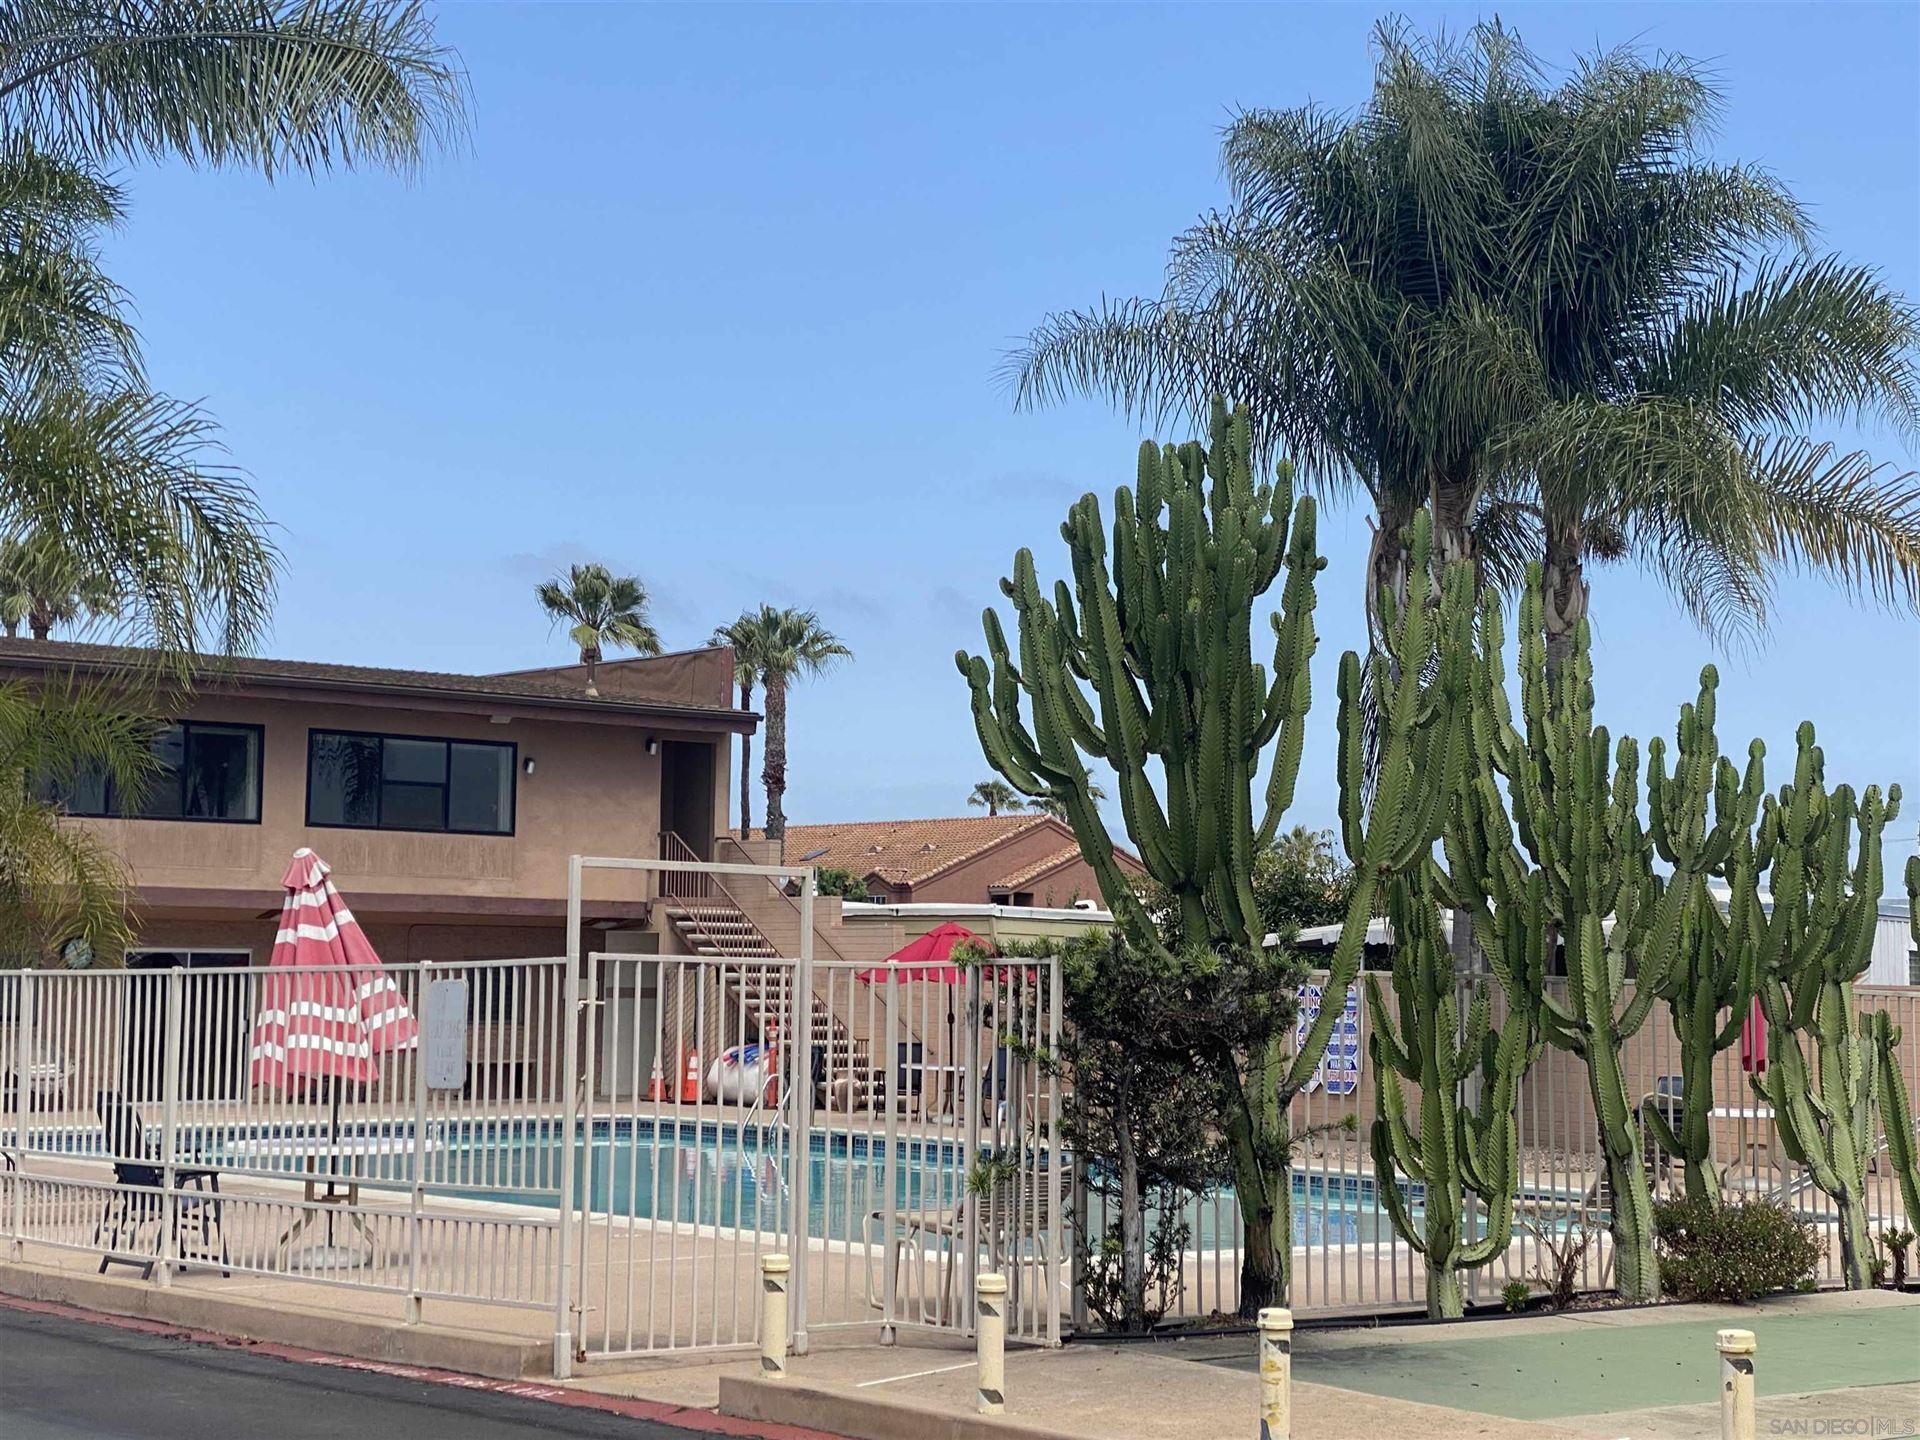 Photo of 677 G St #153, Chula Vista, CA 91910 (MLS # 210026090)